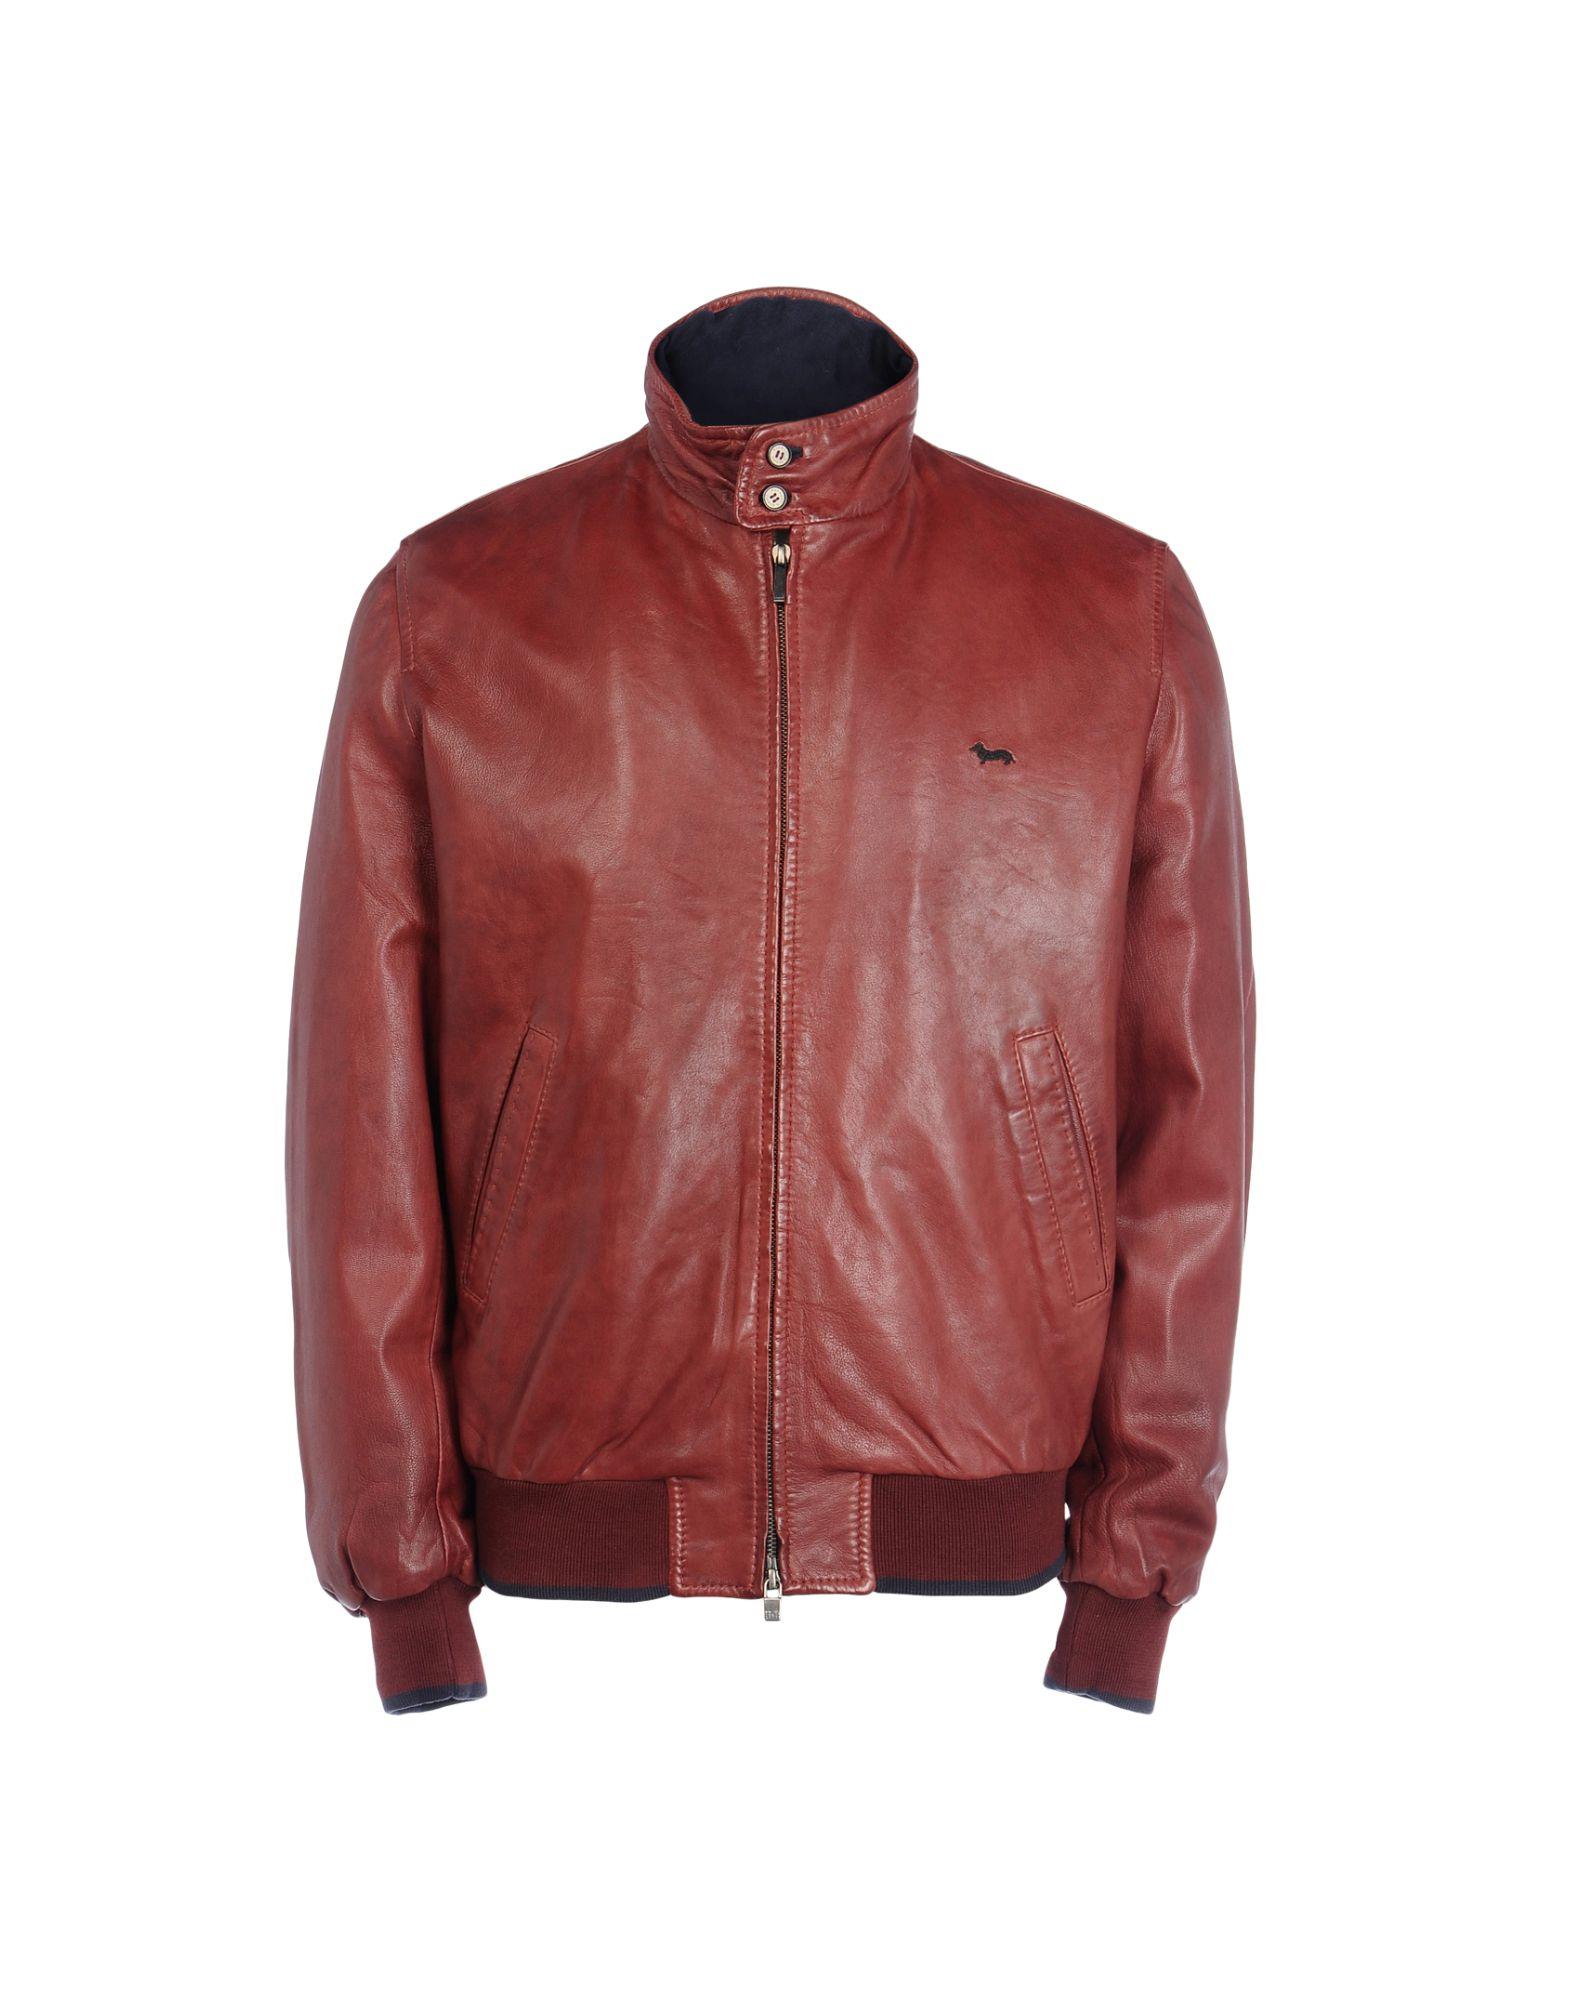 harmont and blaine jacket - photo #41